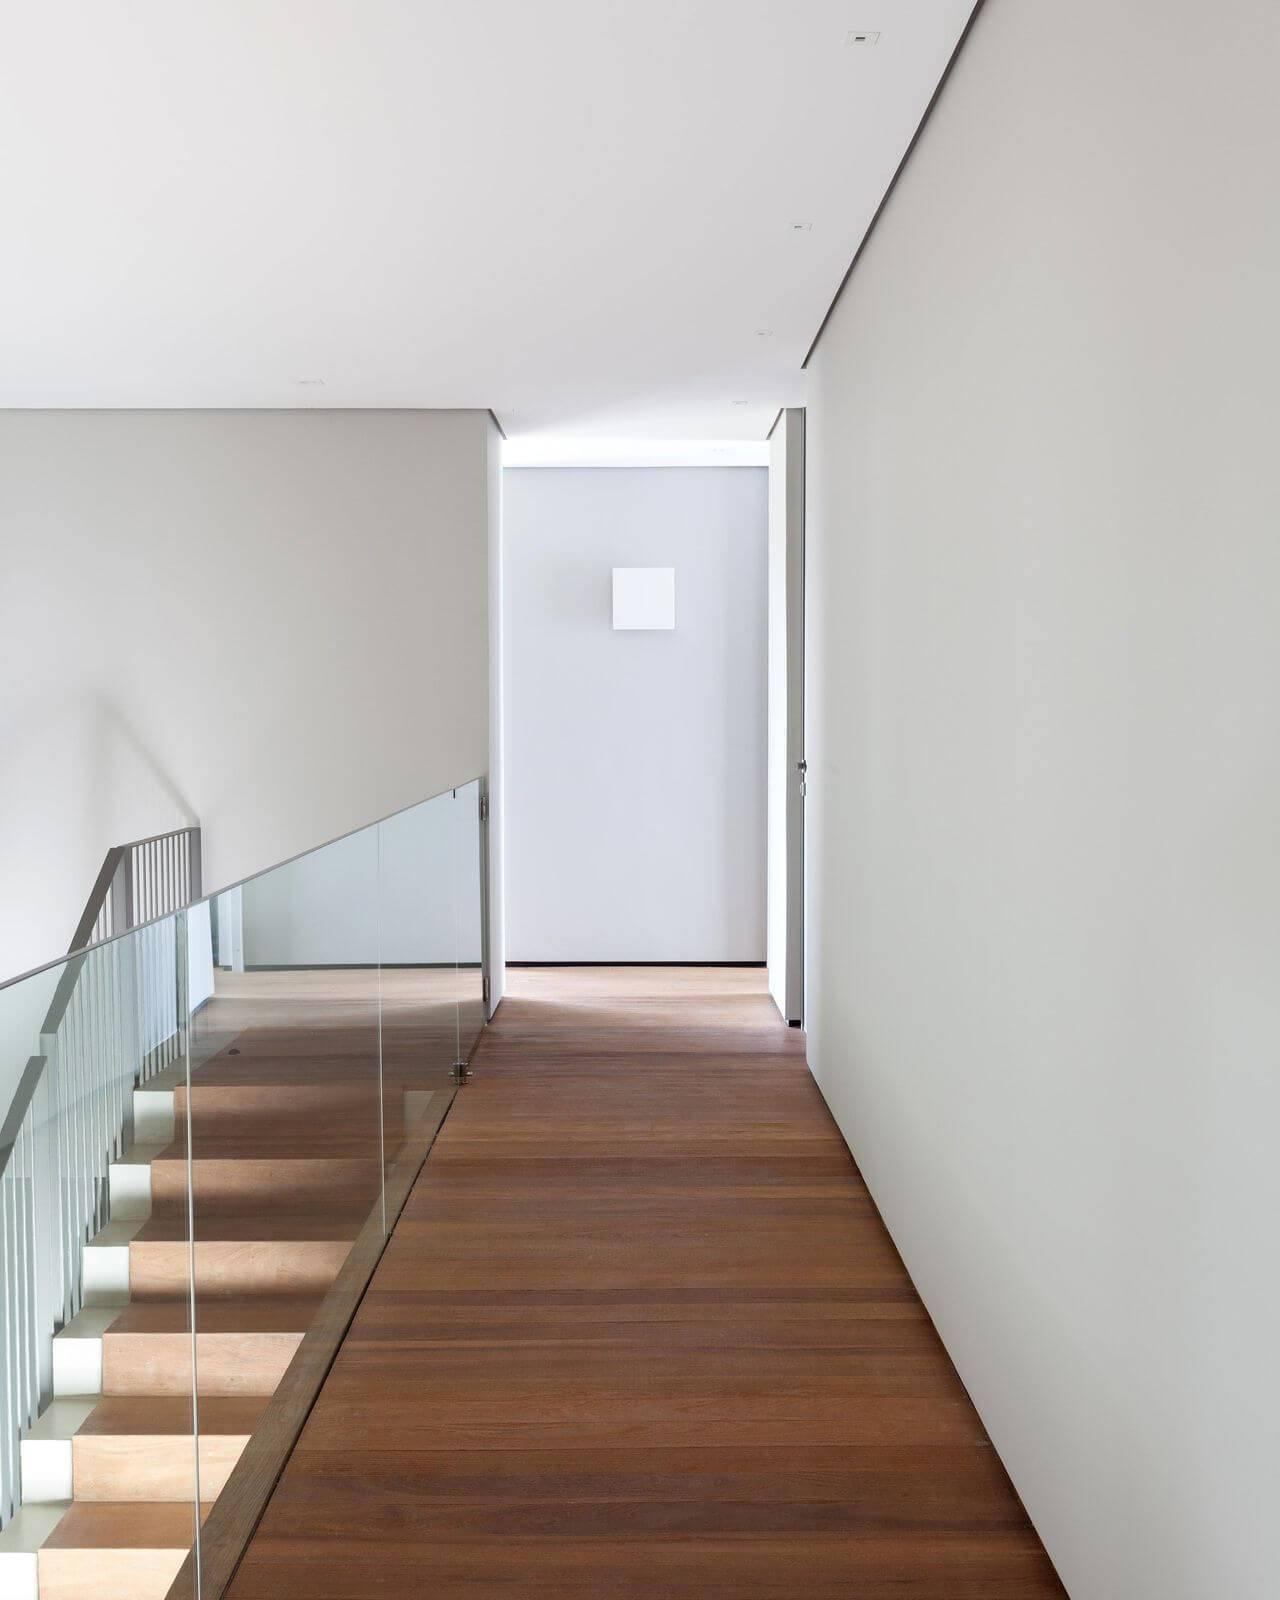 Corredor com piso de madeira e parte dos degraus da escada Projeto de Consuelo Jorge